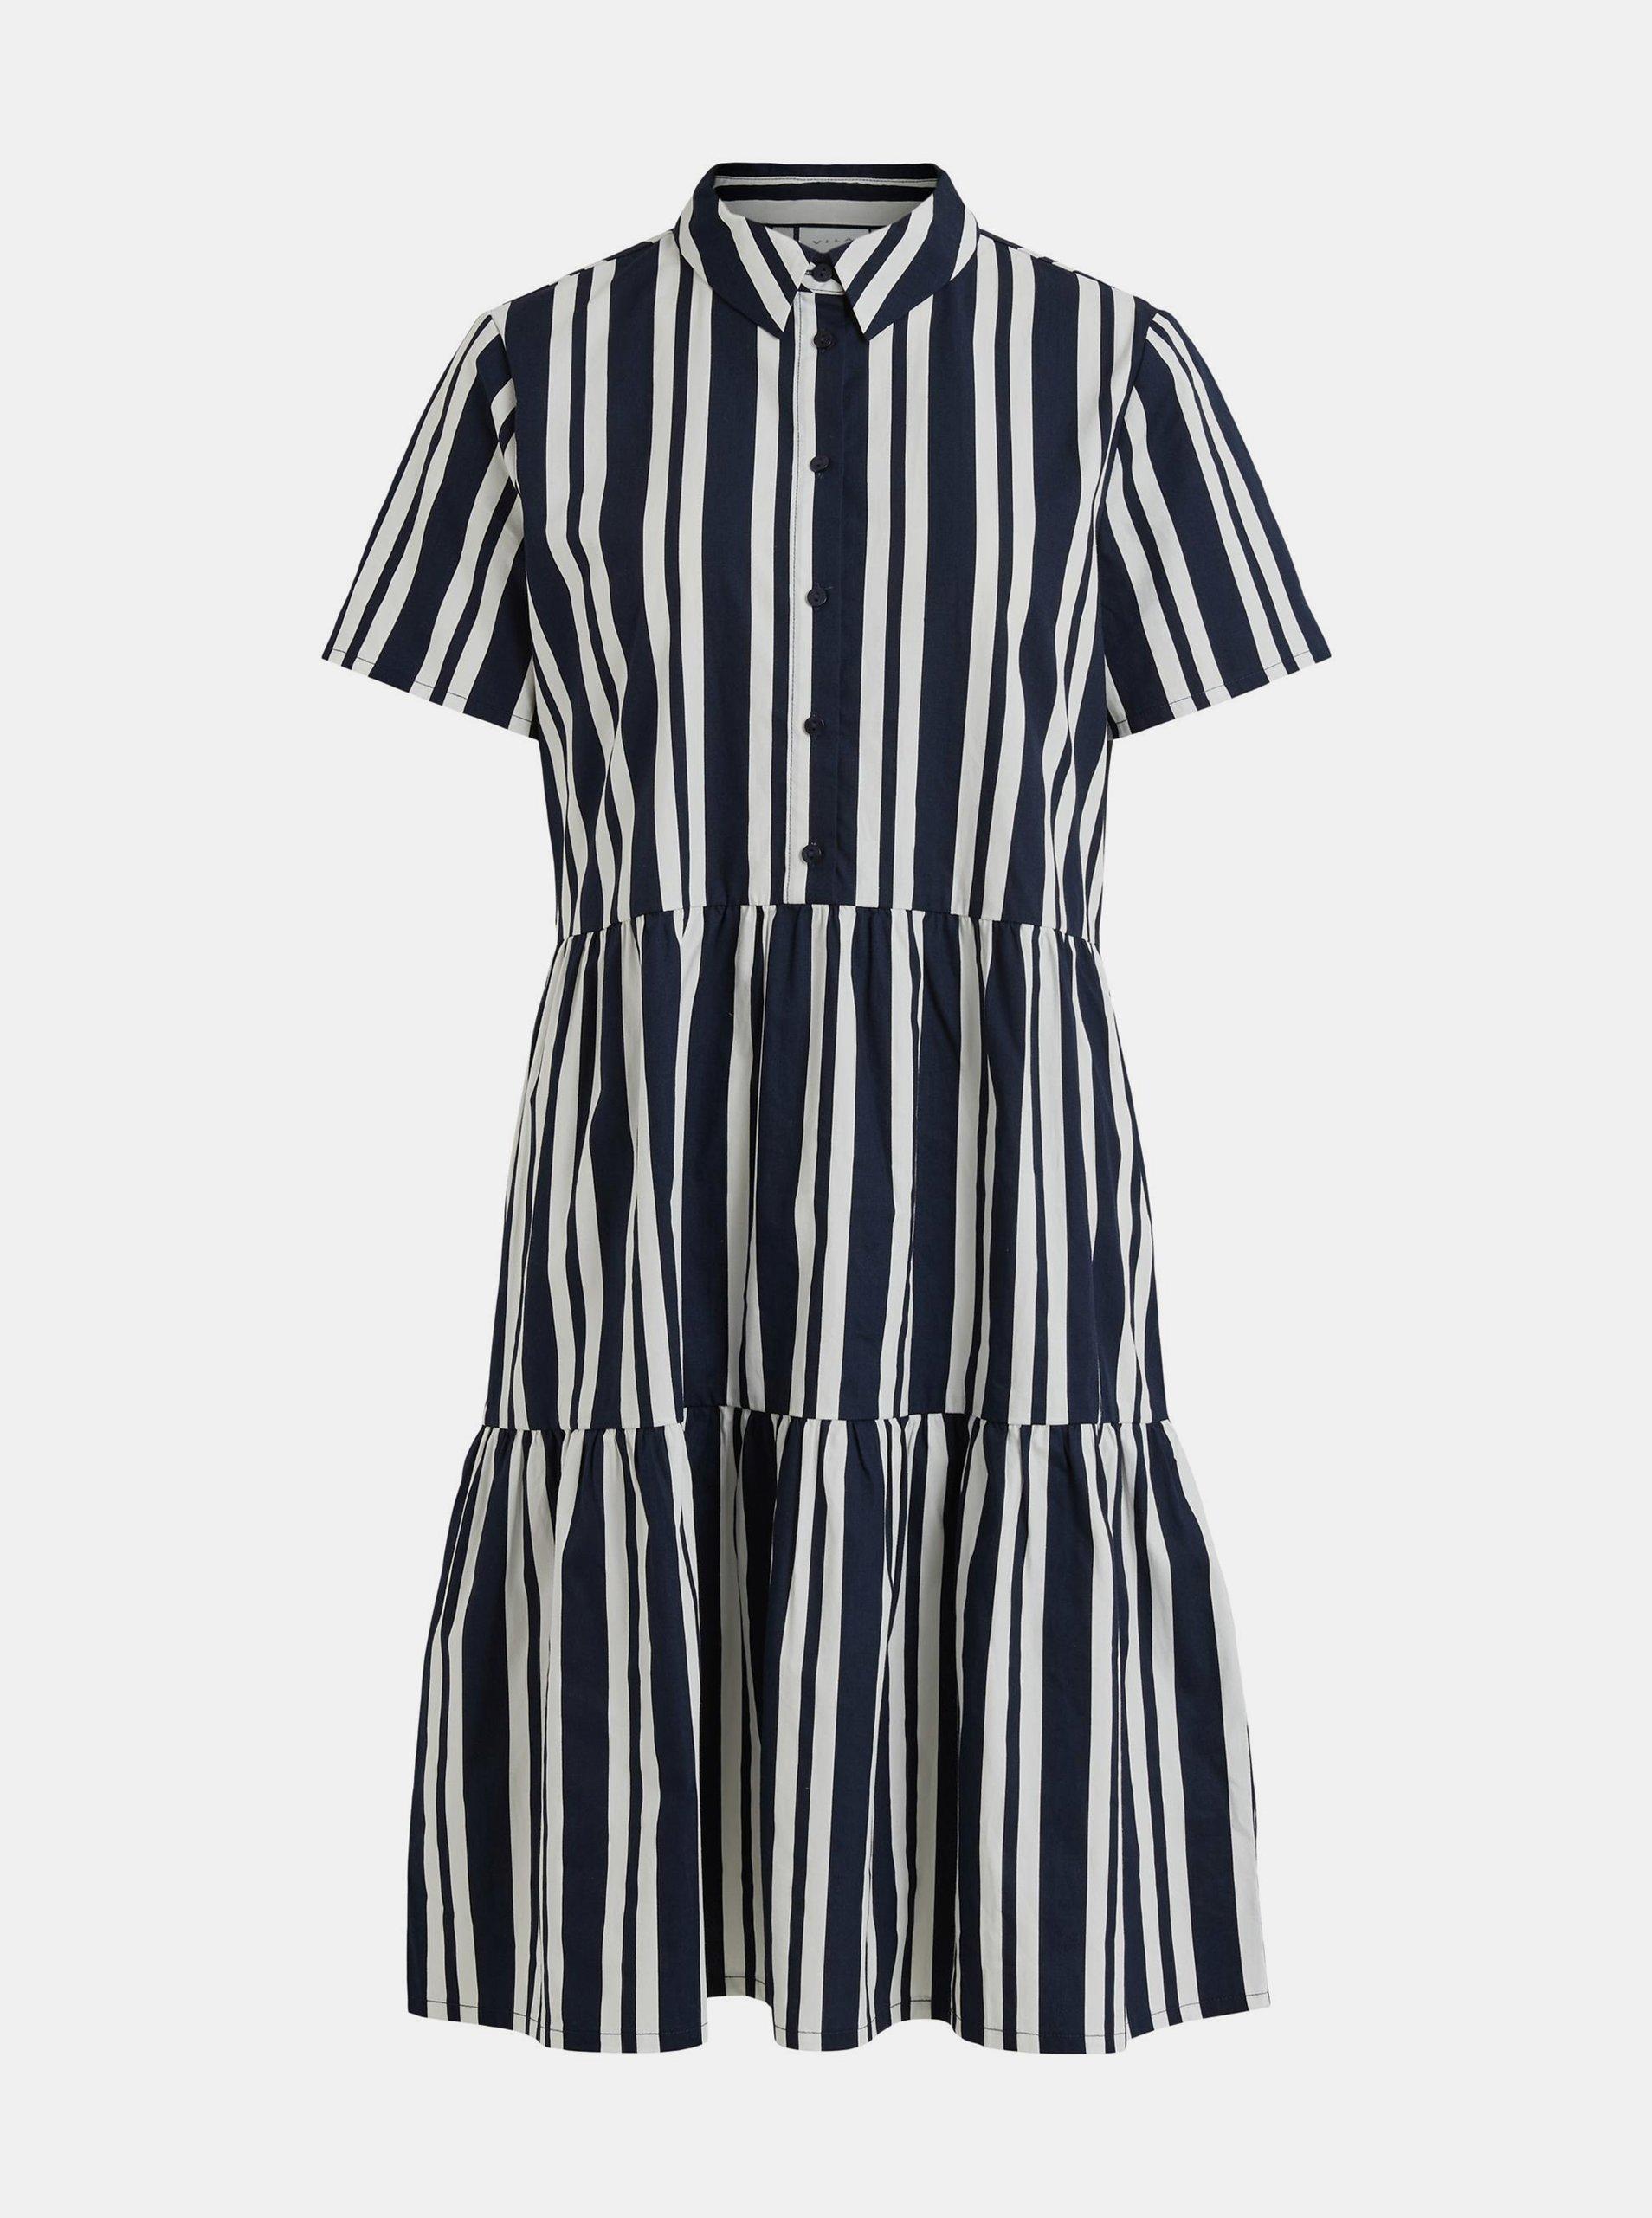 Tmavomodré pruhované košeľové šaty VILA Mosophy.